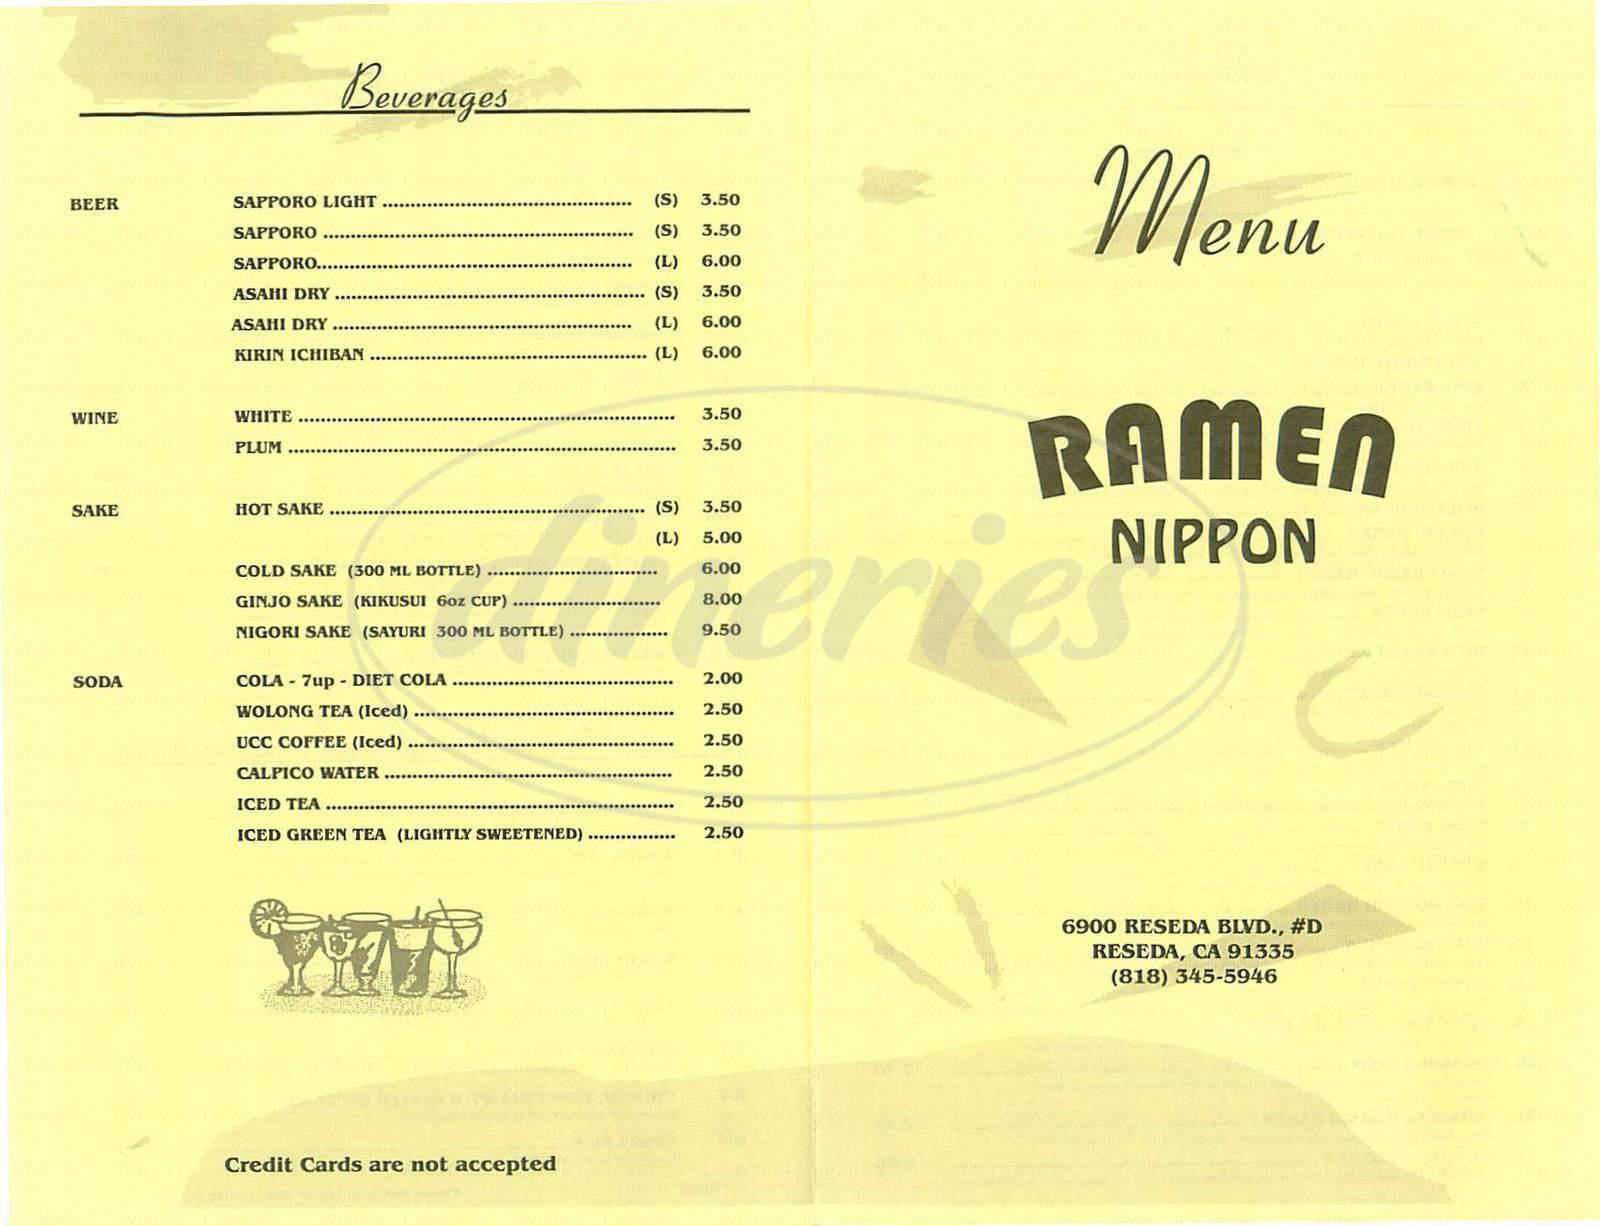 menu for Ramen Nippon